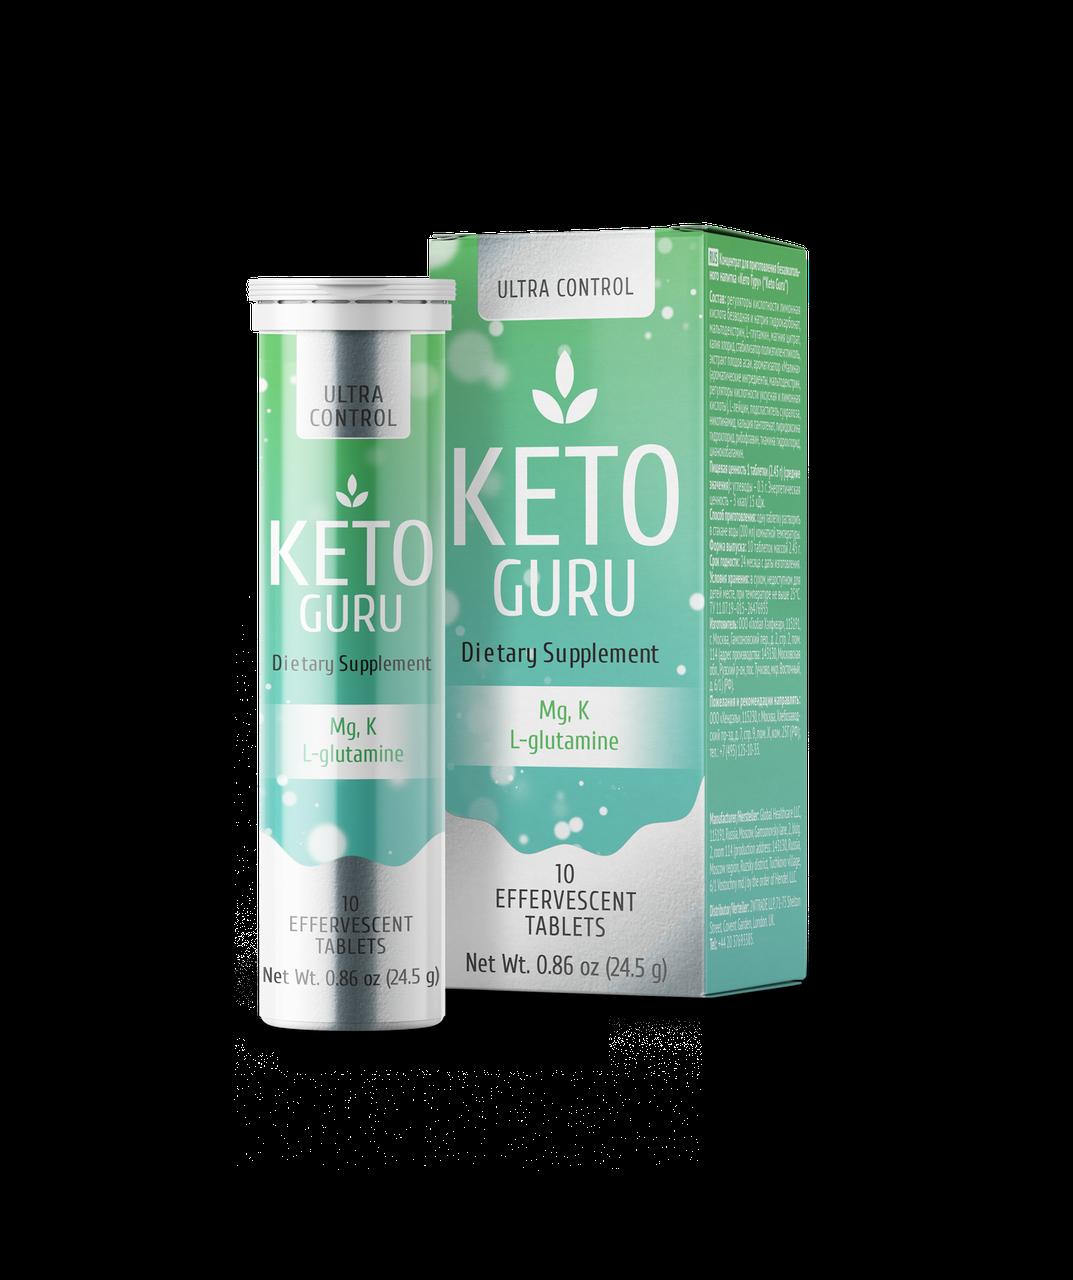 Keto Guru – жиросжигающие таблетки, работающие по принципу кето диеты